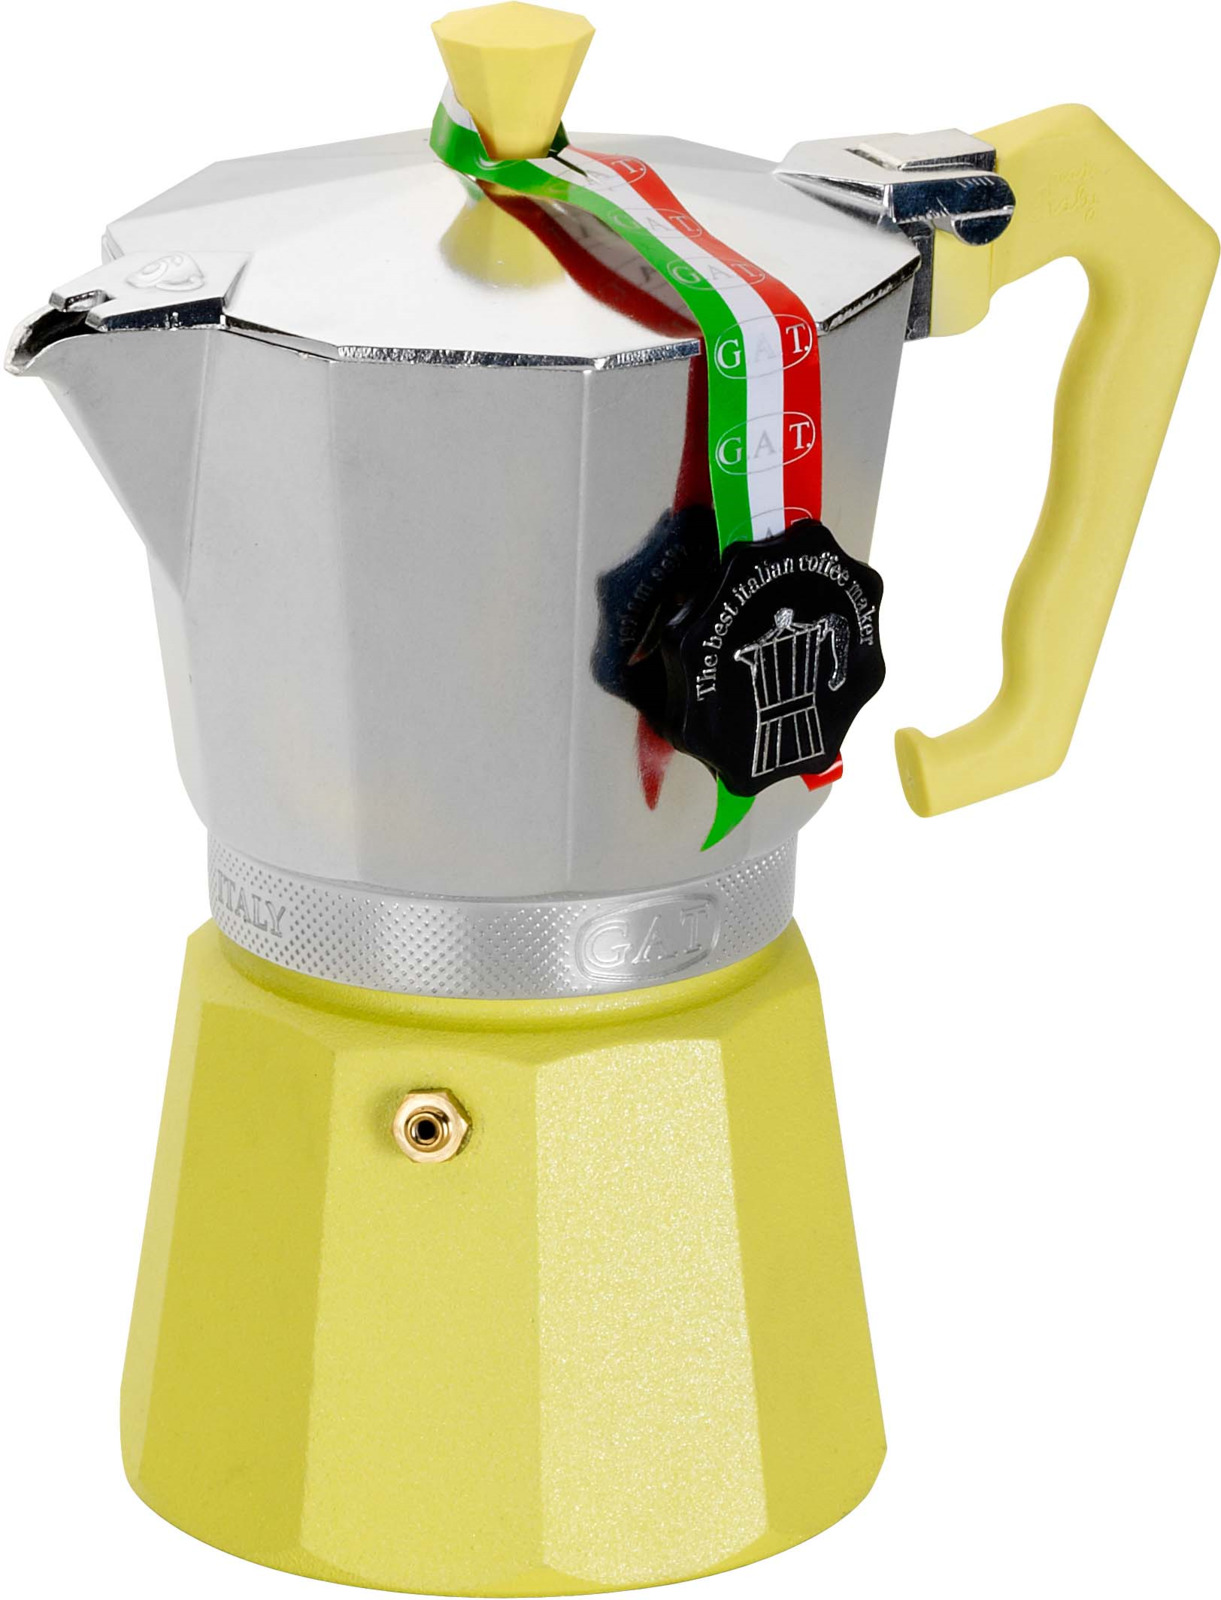 Кофеварка гейзерная G.A.T. 103006 LADY ORO COLOR. Гейзерная кофеварка - это отличная возможность побаловать себя чашечкой великолепного ароматного кофе. Кофеварка рассчитана на 6 чашек. За считанные минуты прибор приготовит ваш любимый напиток и моментально наполнит кухню изумительным ароматом. Прочная алюминиевая основа придает кофеварке легкость и надежность, а стильный дизайн добавит кухонному интерьеру элегантности и особого шарма. Основные отличительные особенности кофеварок Lady Oro Color: удобный носик для наливания кофе; стильный ремень, соединяющий верхнюю и нижнюю части кофеварки; специальное внутреннее покрытие, обеспечивающее легкую очистку и обслуживание; ручка из термостойкого пластика.